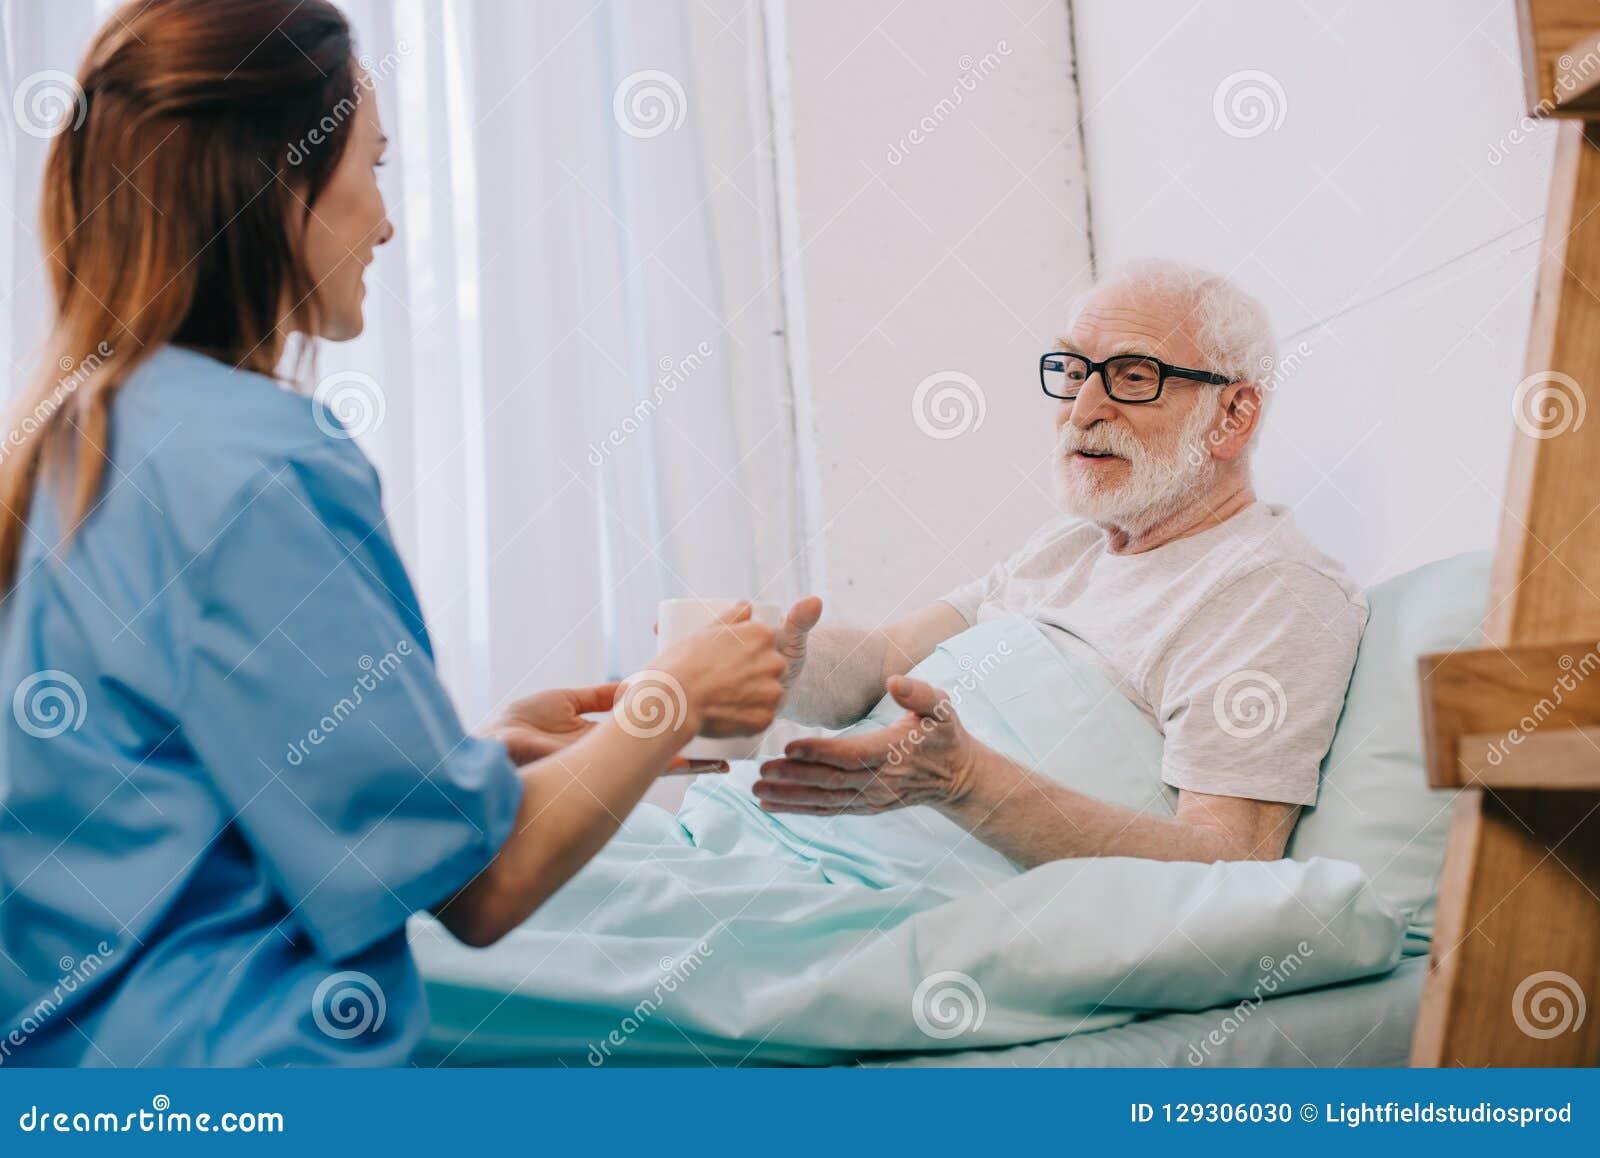 Νοσοκόμα που βοηθά τον ανώτερο ασθενή στο κρεβάτι για να κρατήσει